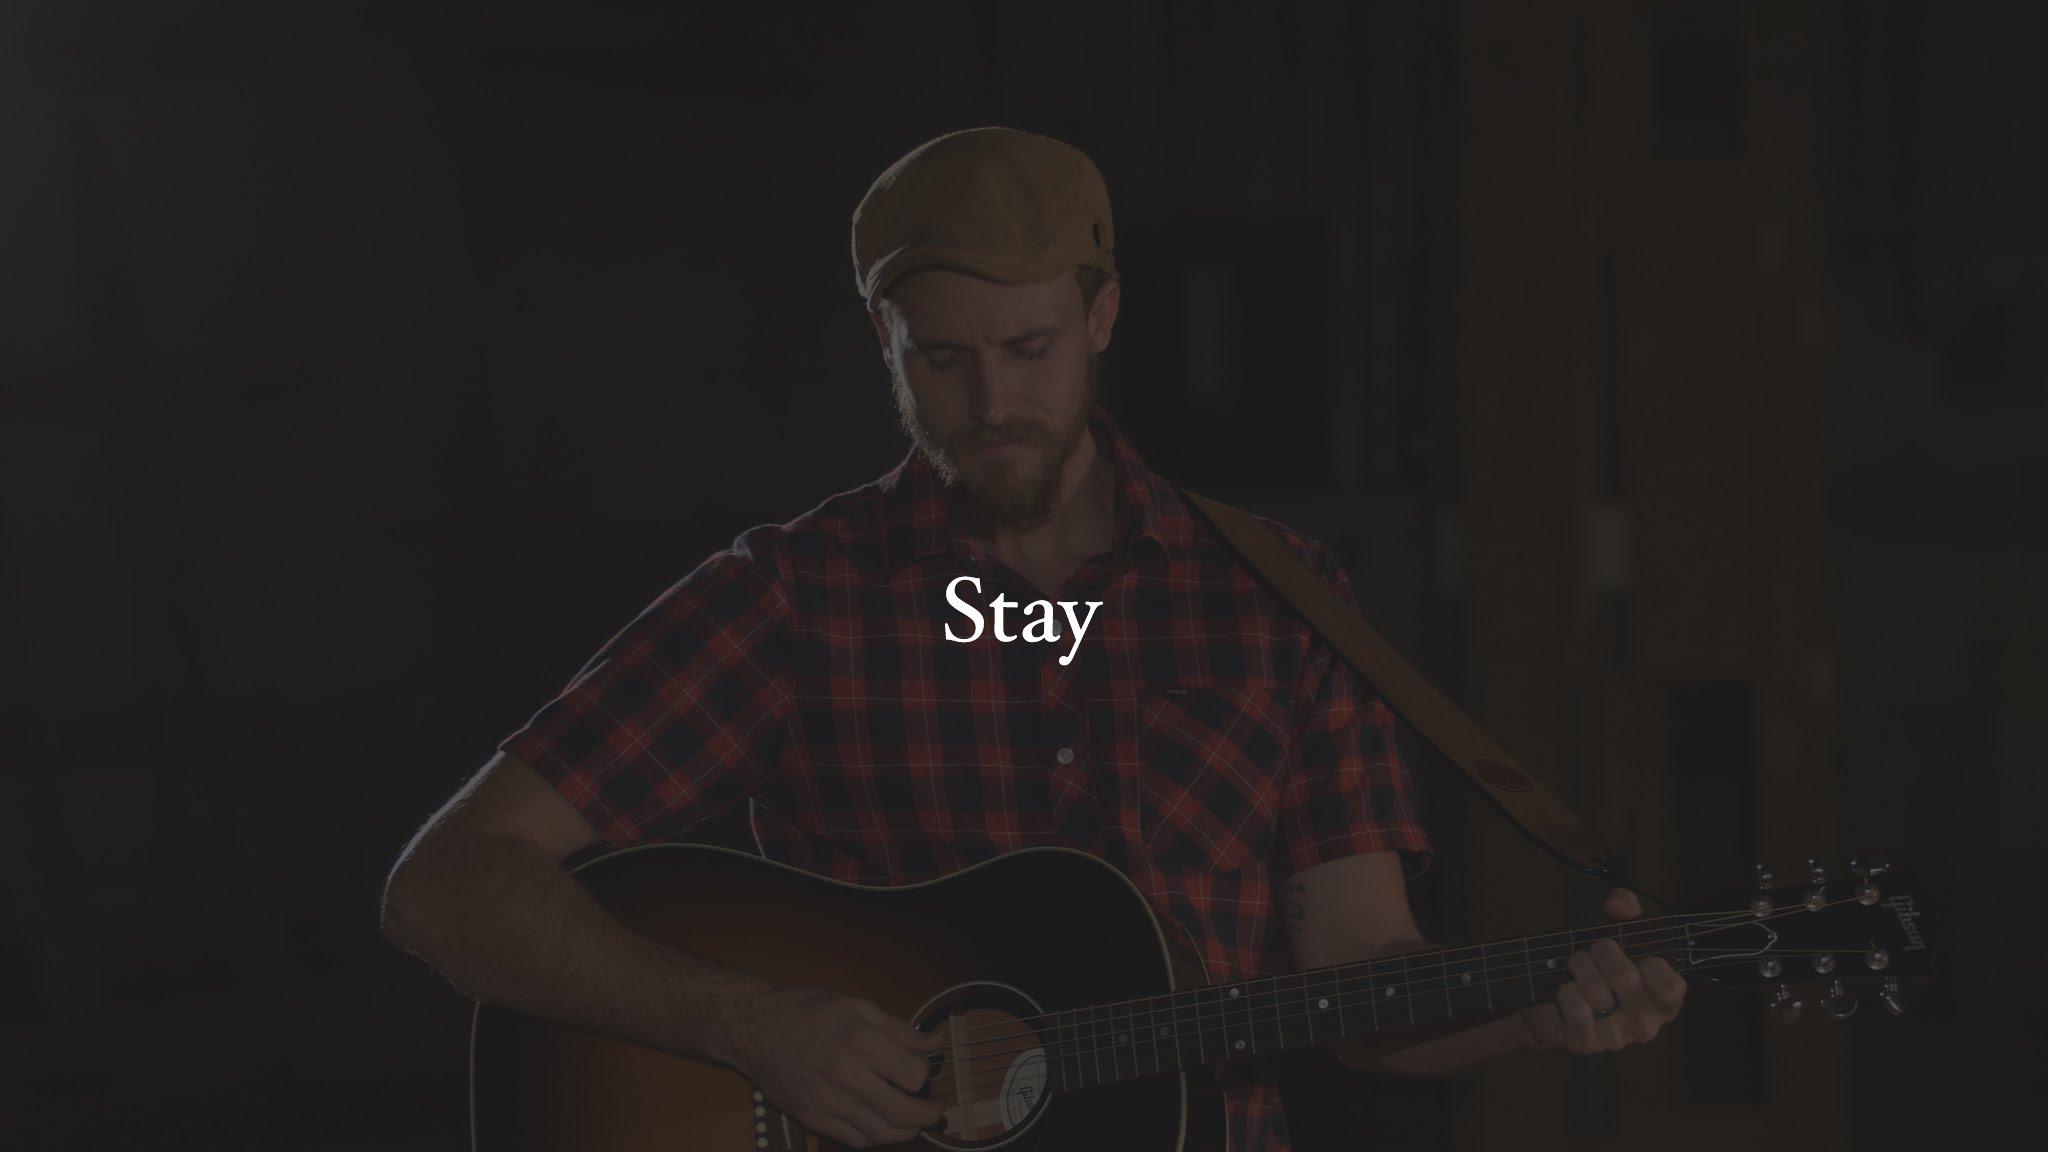 Stay - Joshua Wicker